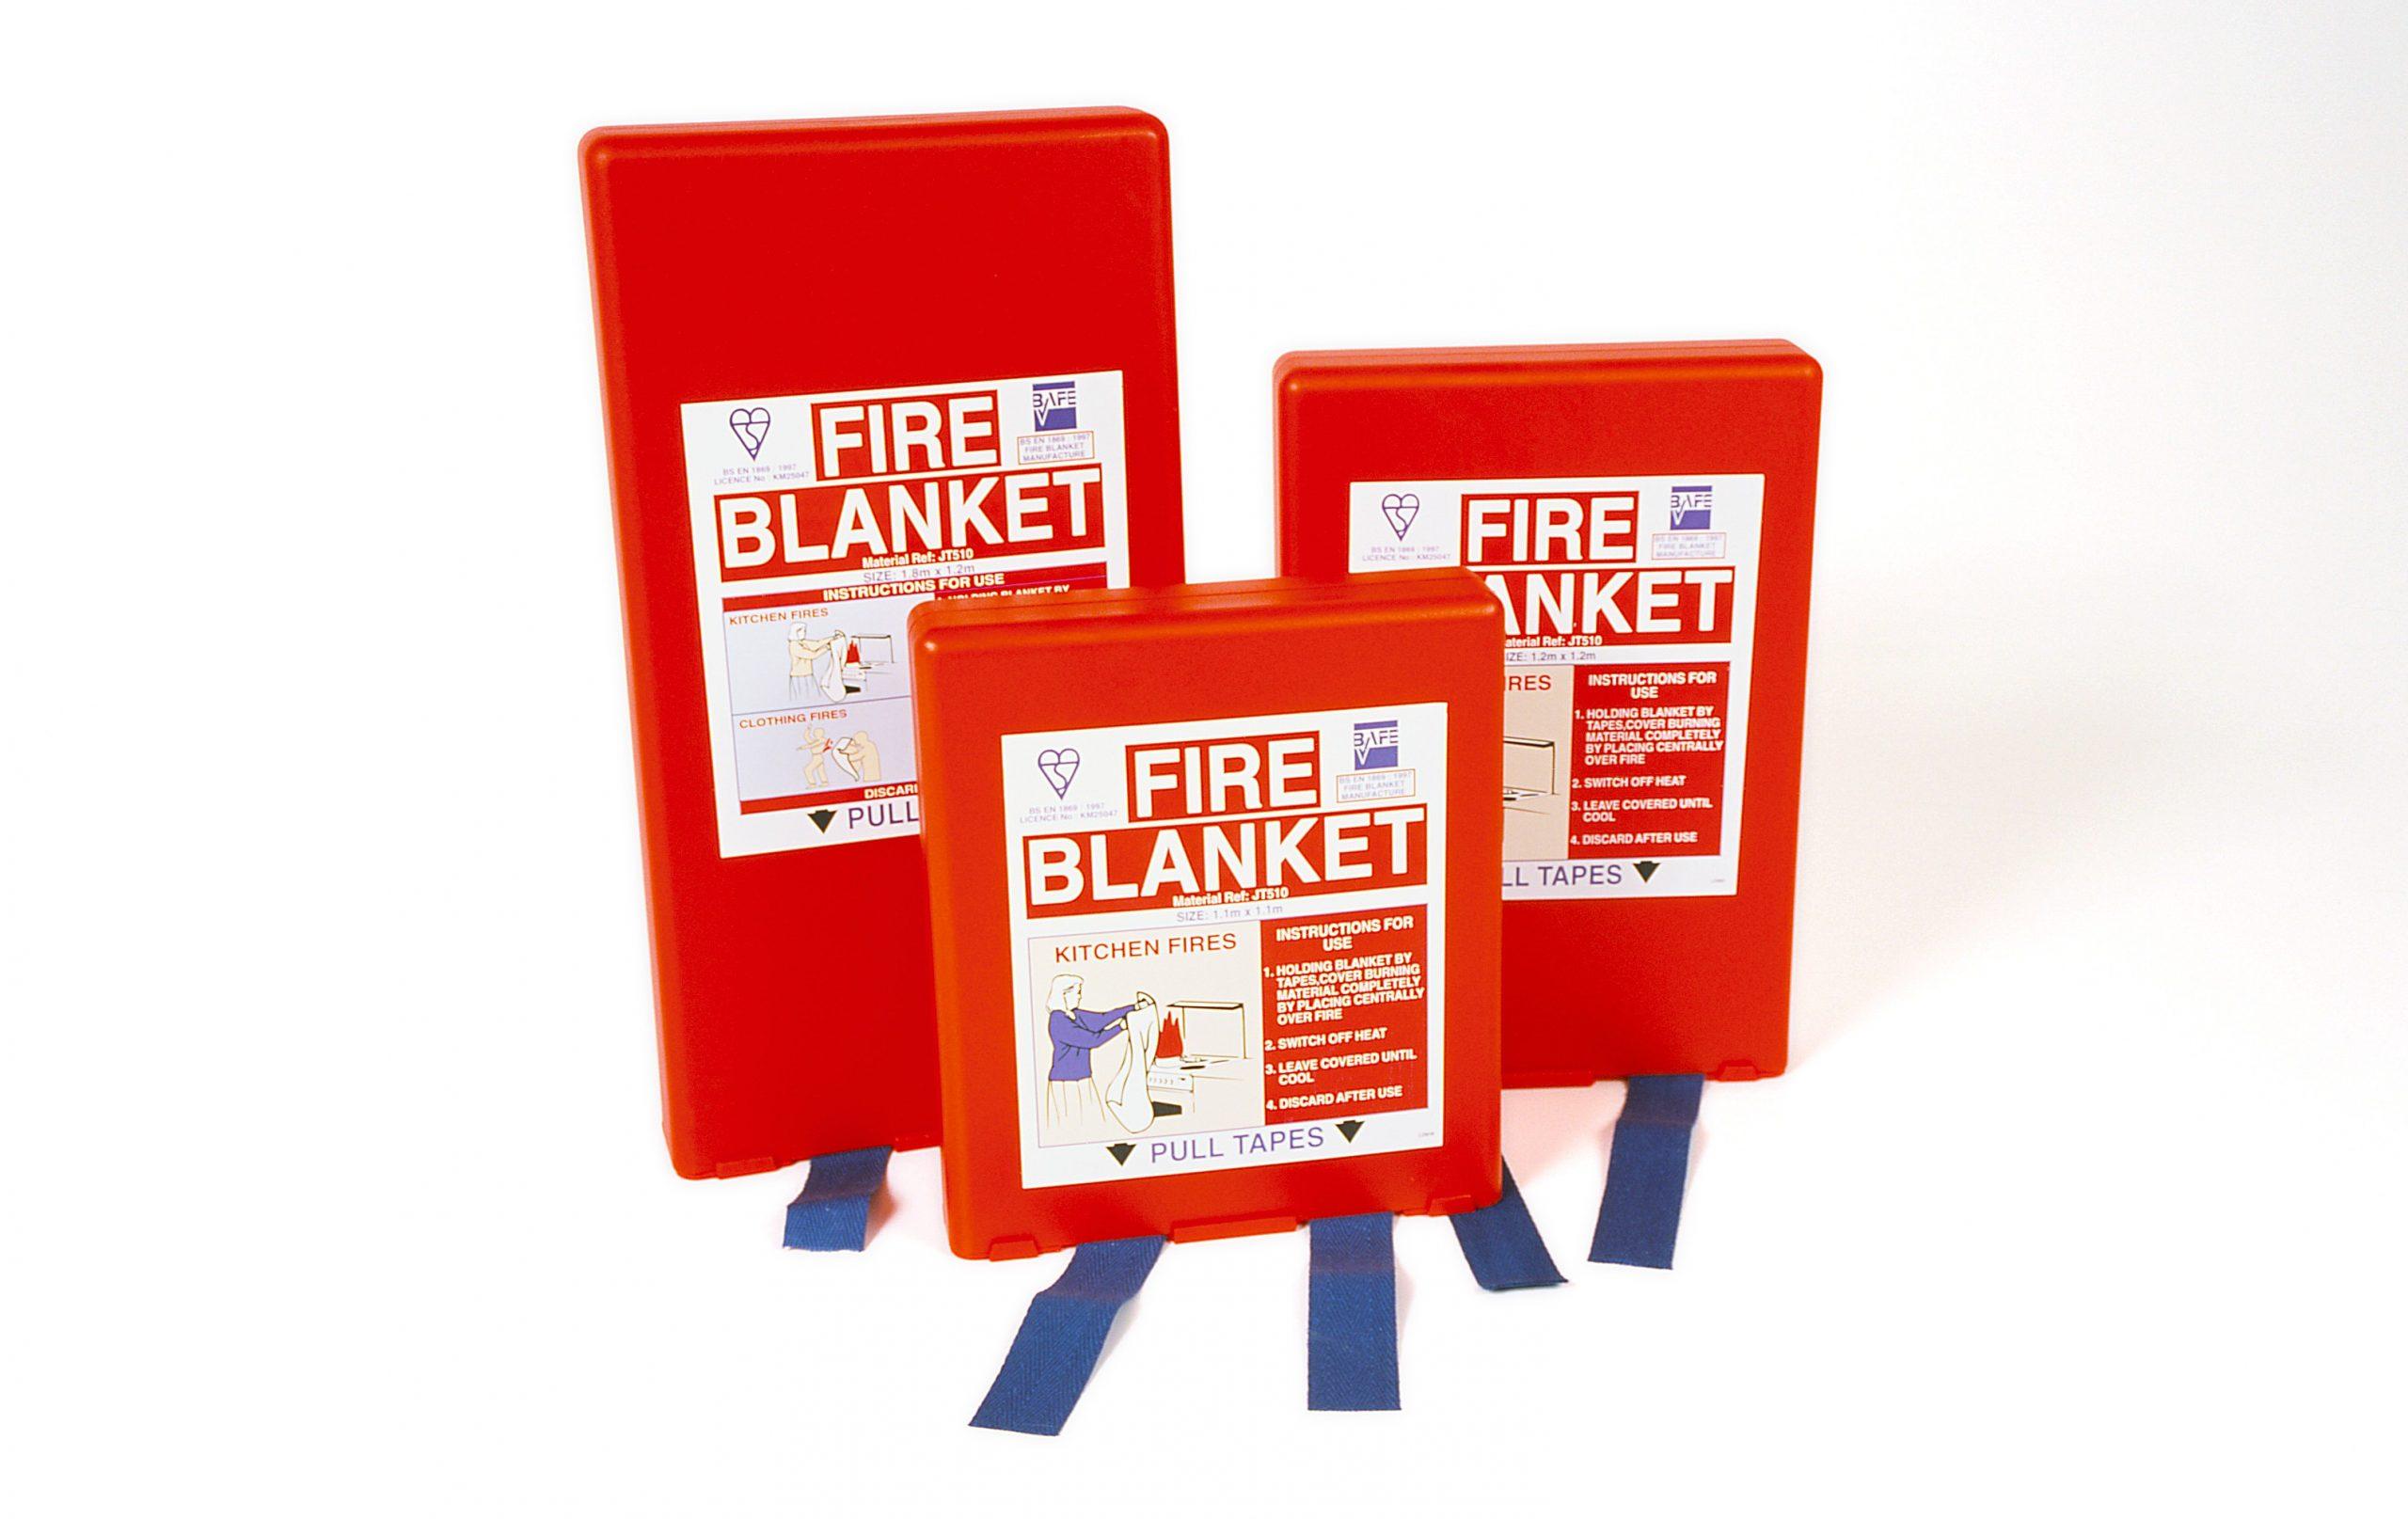 Fire blankets in Kenya